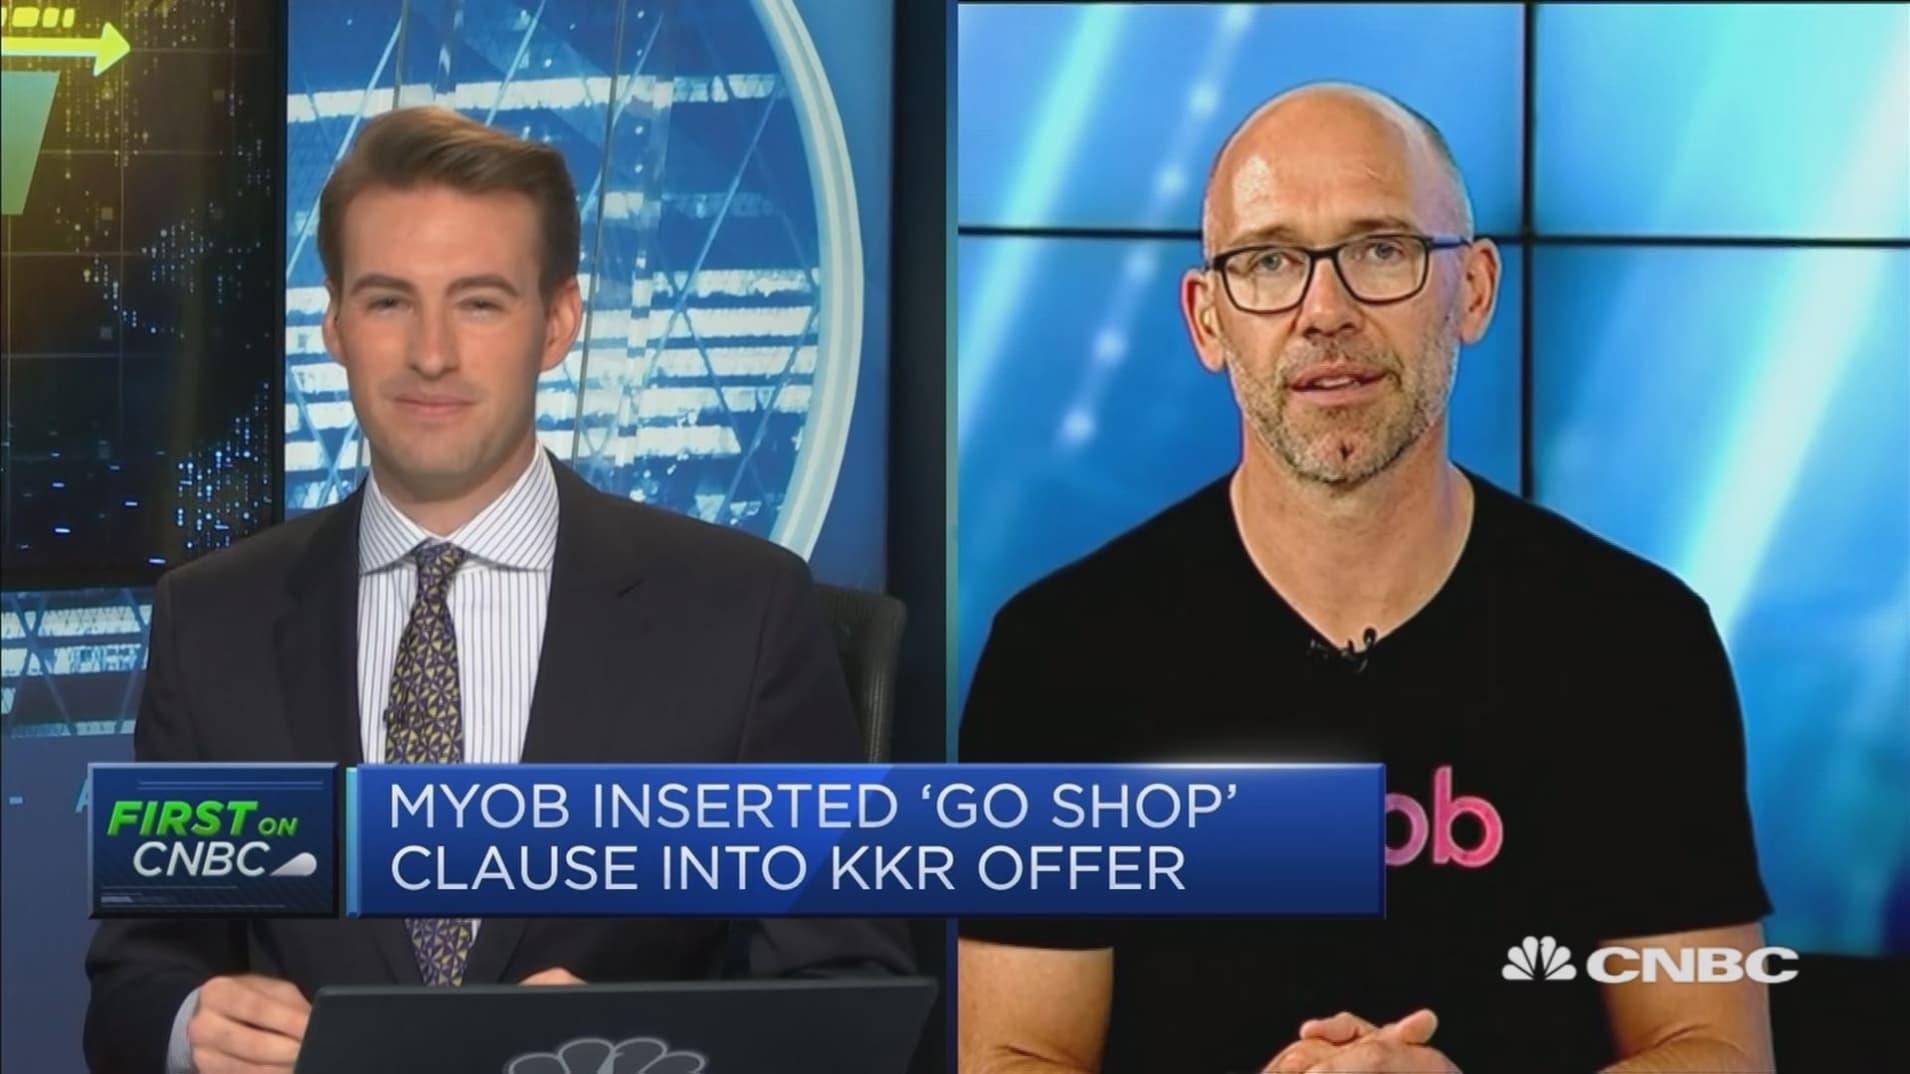 Myob puts 'go shop' clause into KKR offer